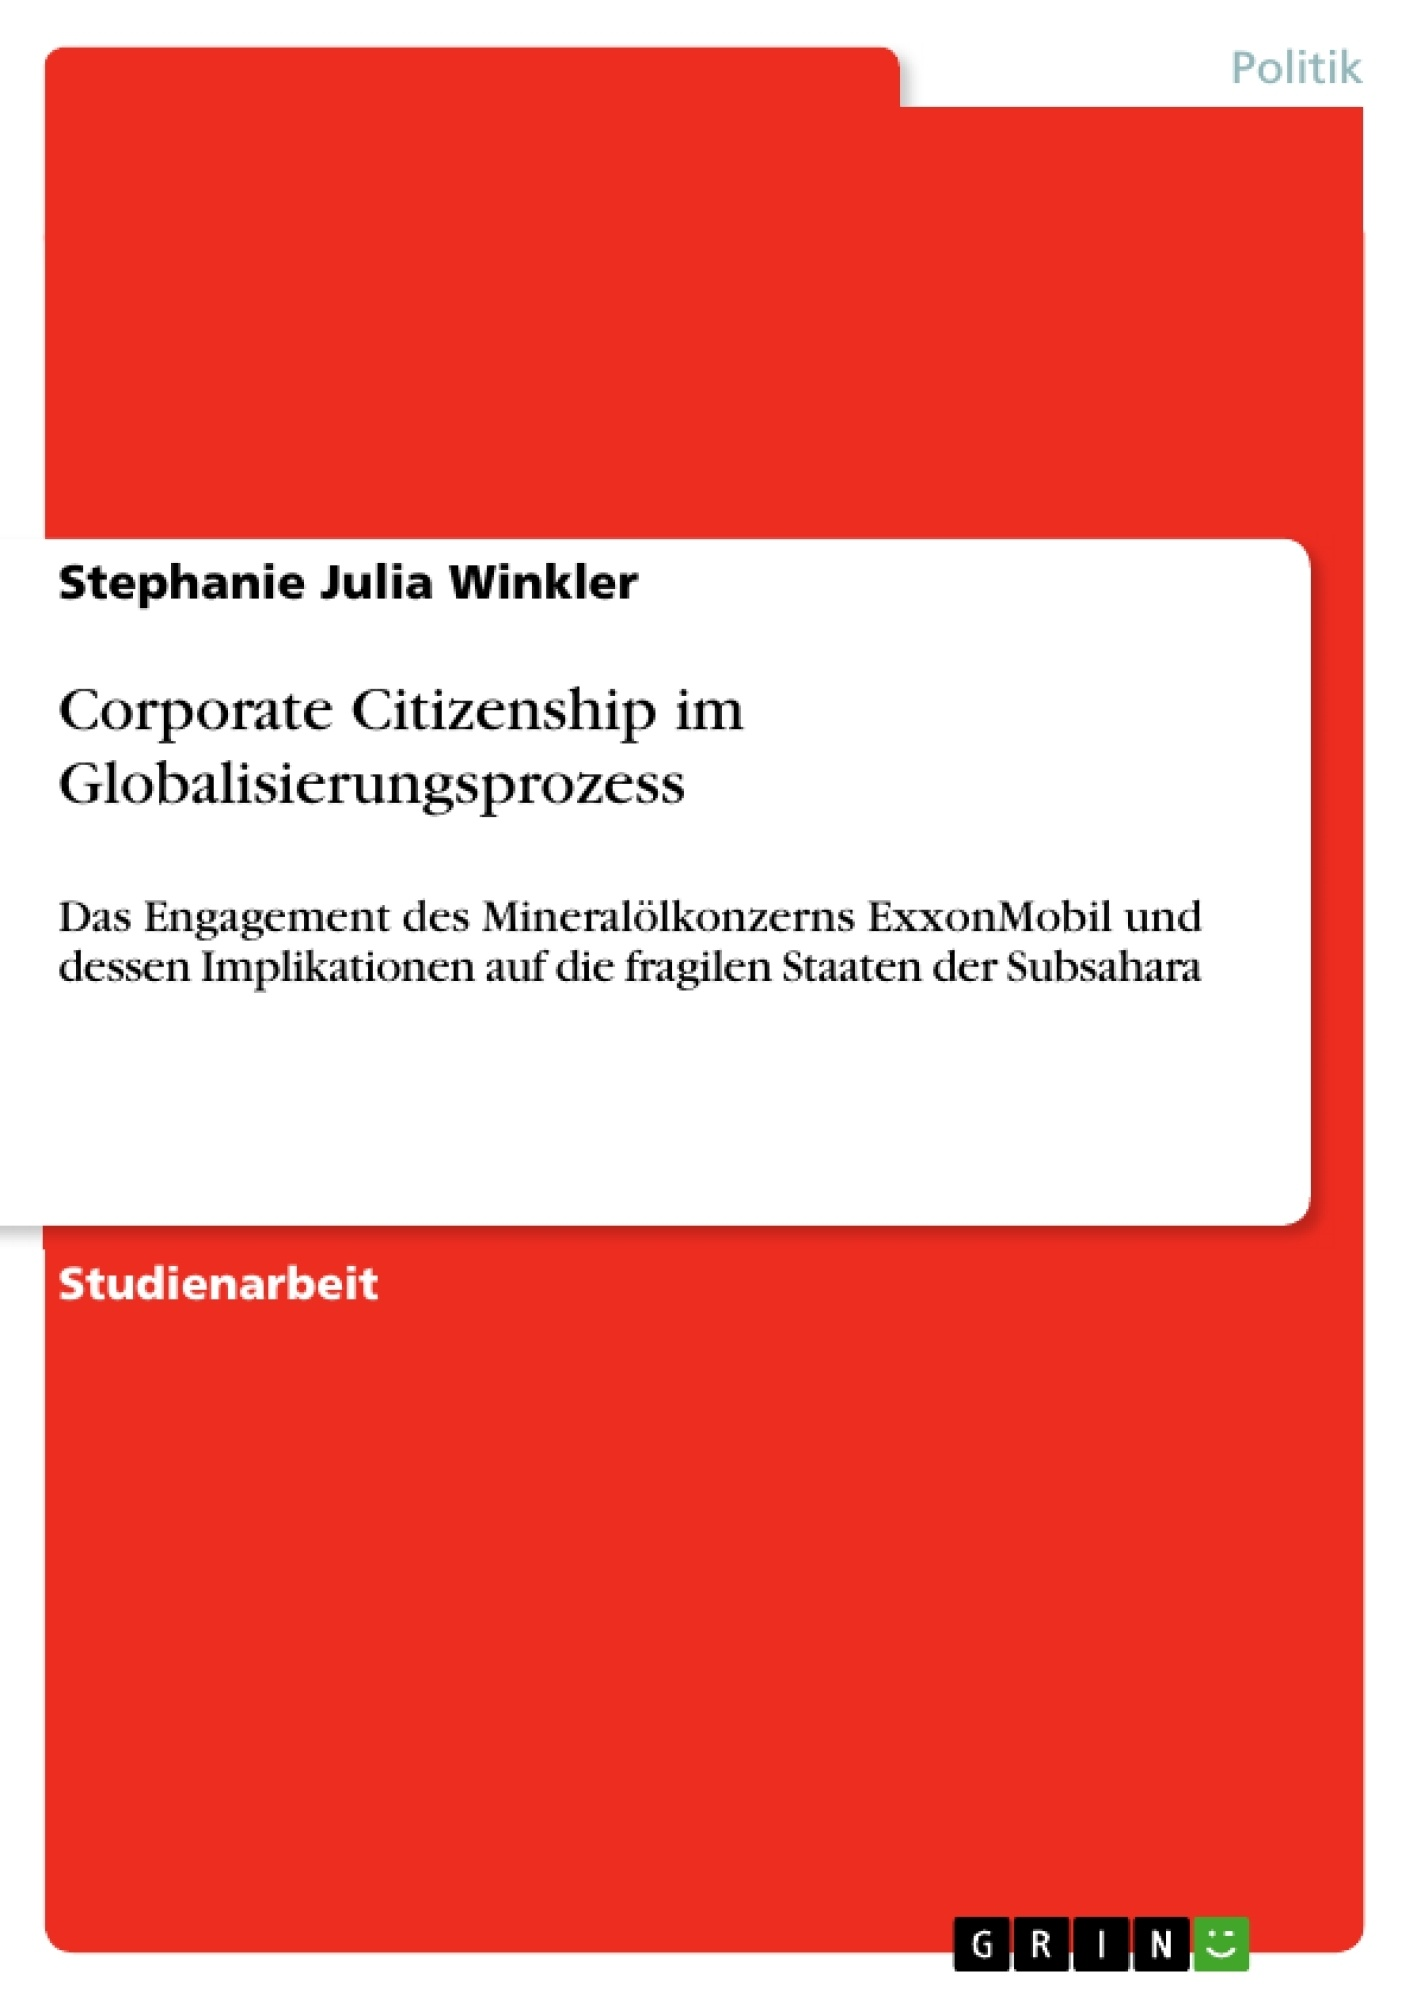 Titel: Corporate Citizenship im Globalisierungsprozess